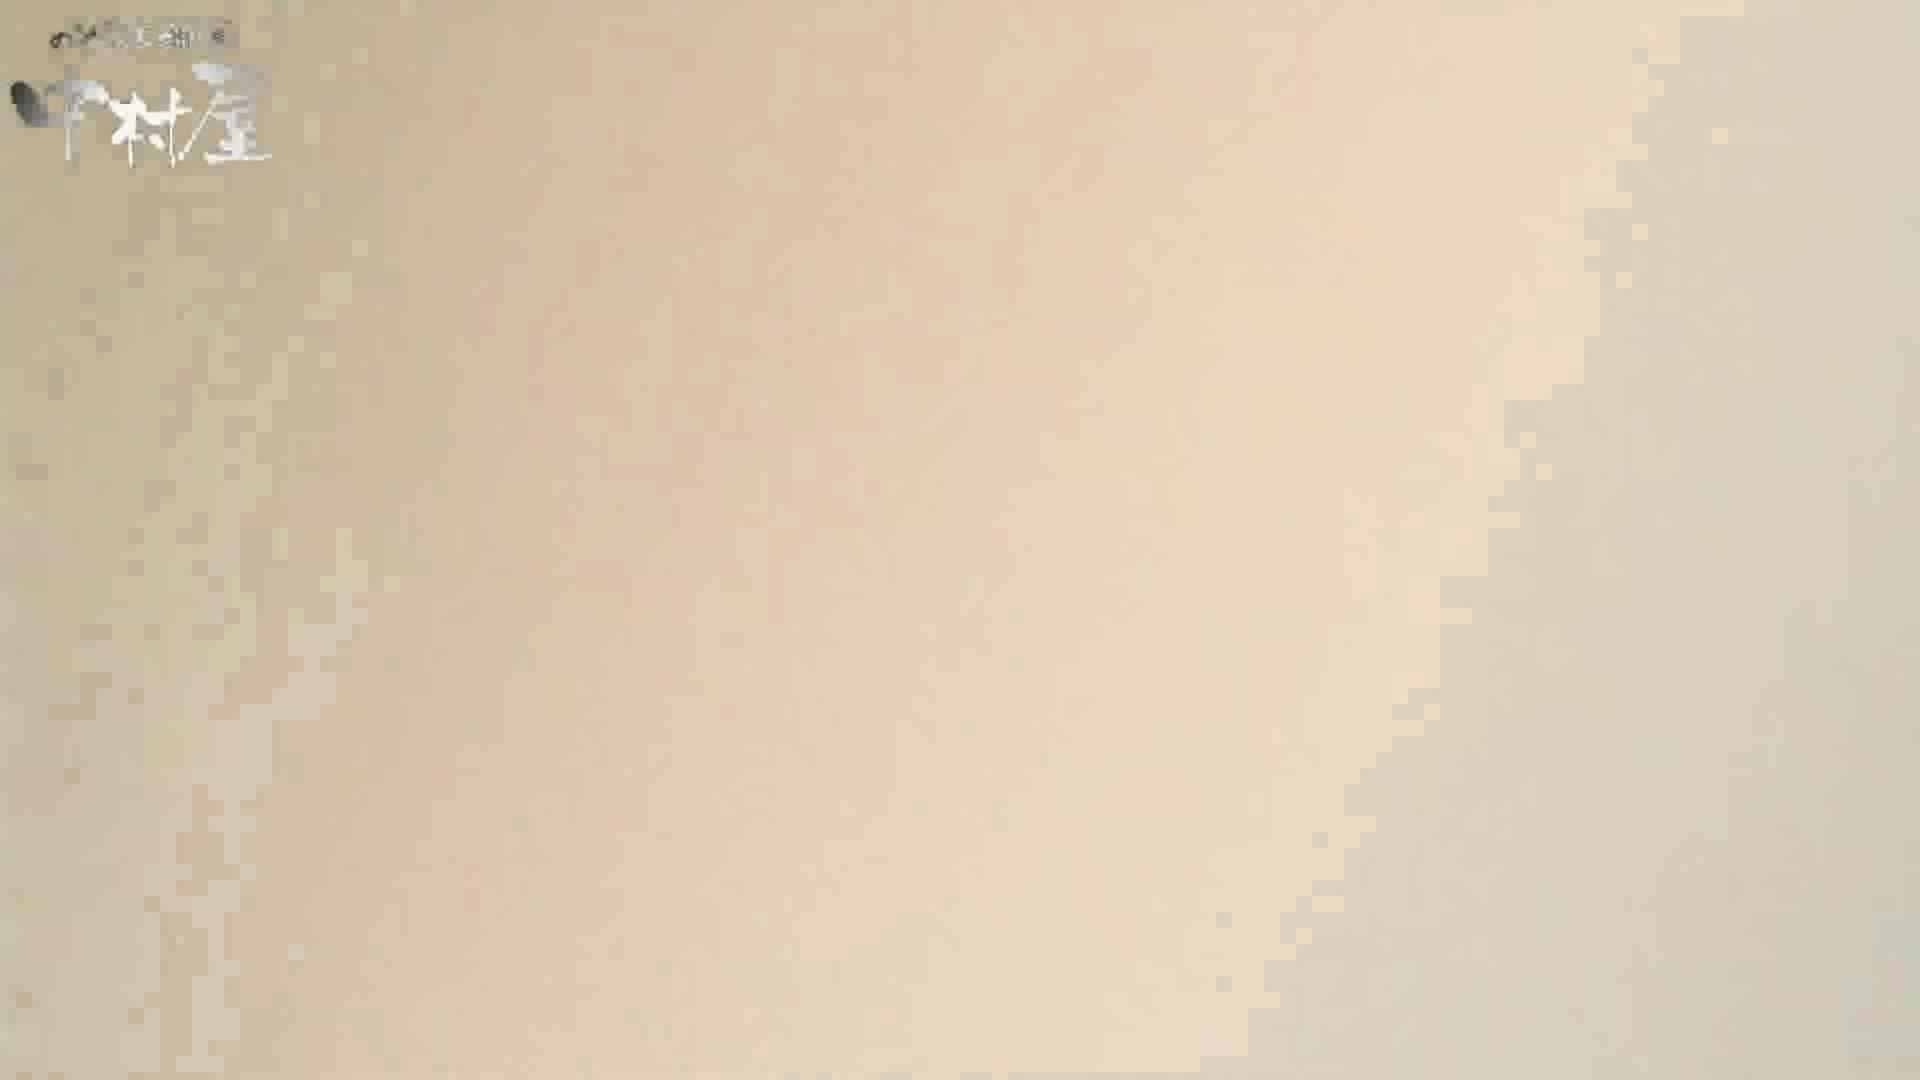 ドキドキ❤新入生パンチラ歓迎会vol.12 パンチラ  109連発 75